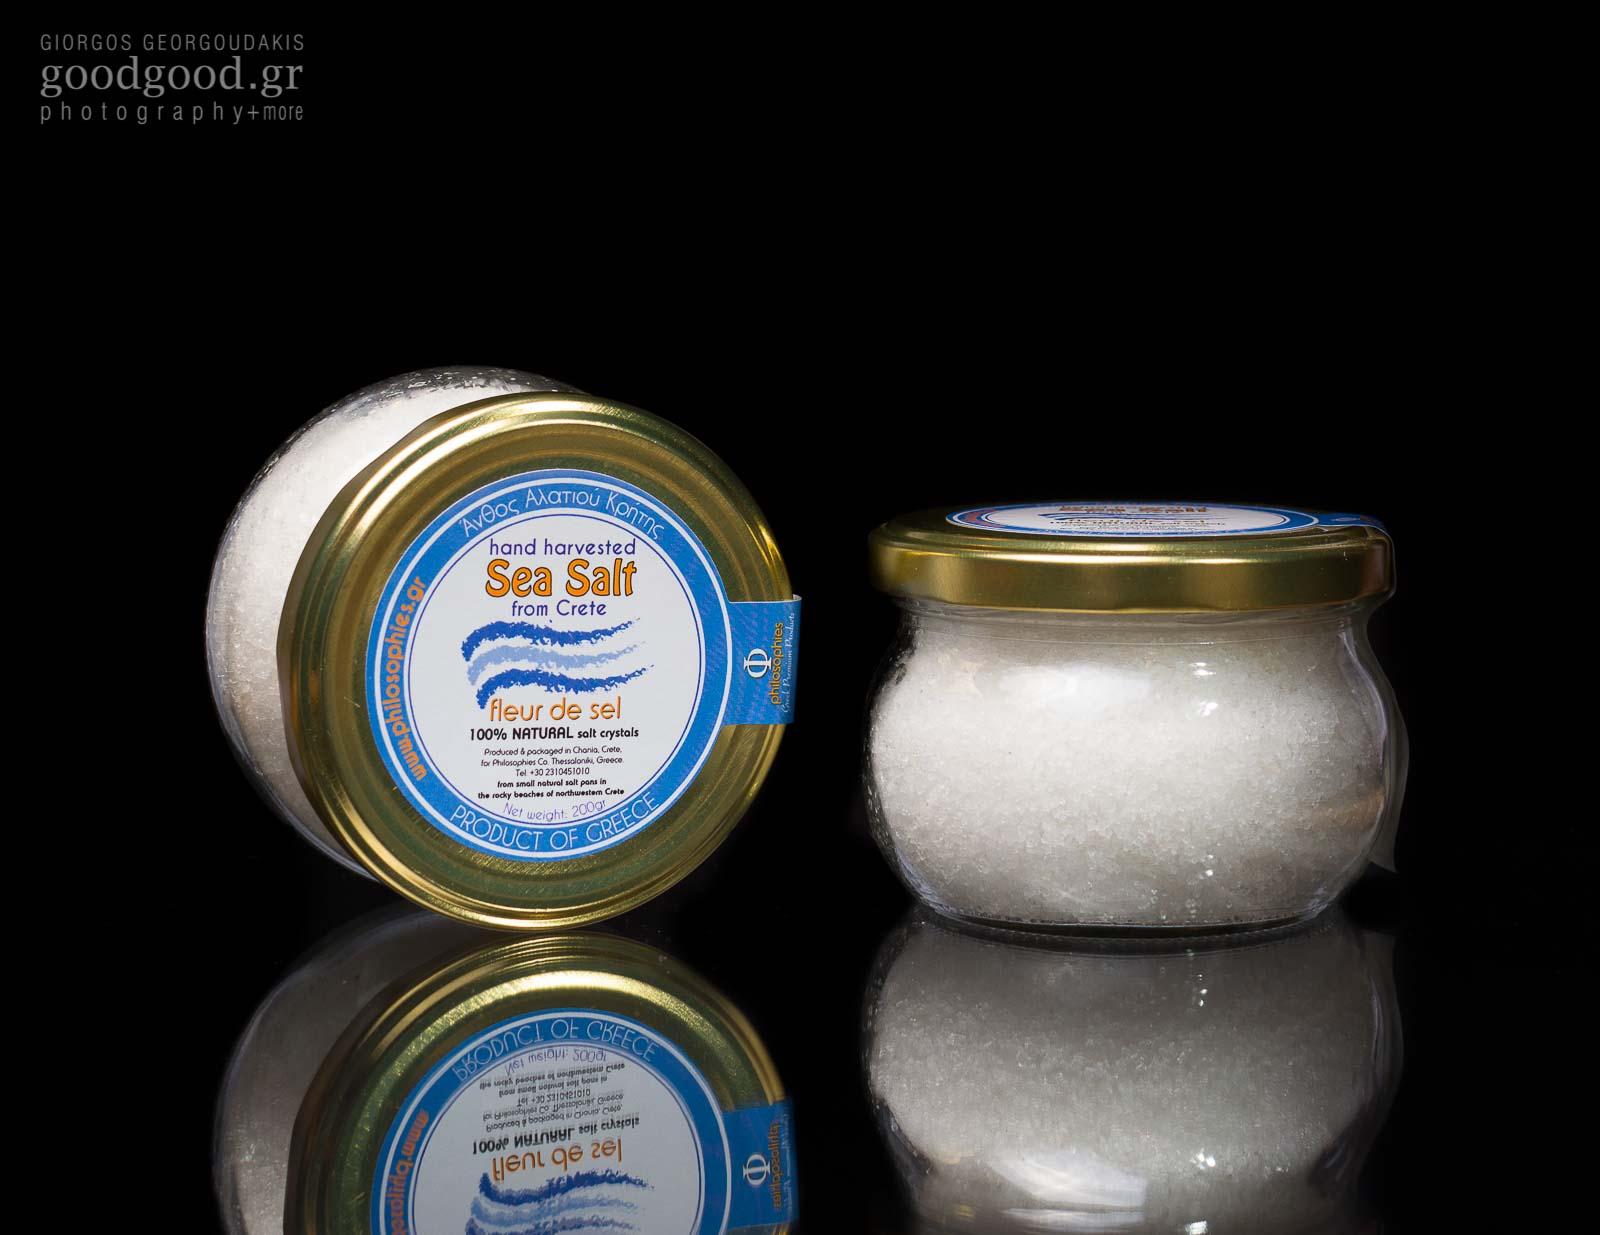 Φωτογραφία προϊόντος σε σκούρο φόντο. Βάζα με αλάτι της θάλασσας (Άνθος Αλατιού Κρήτης)